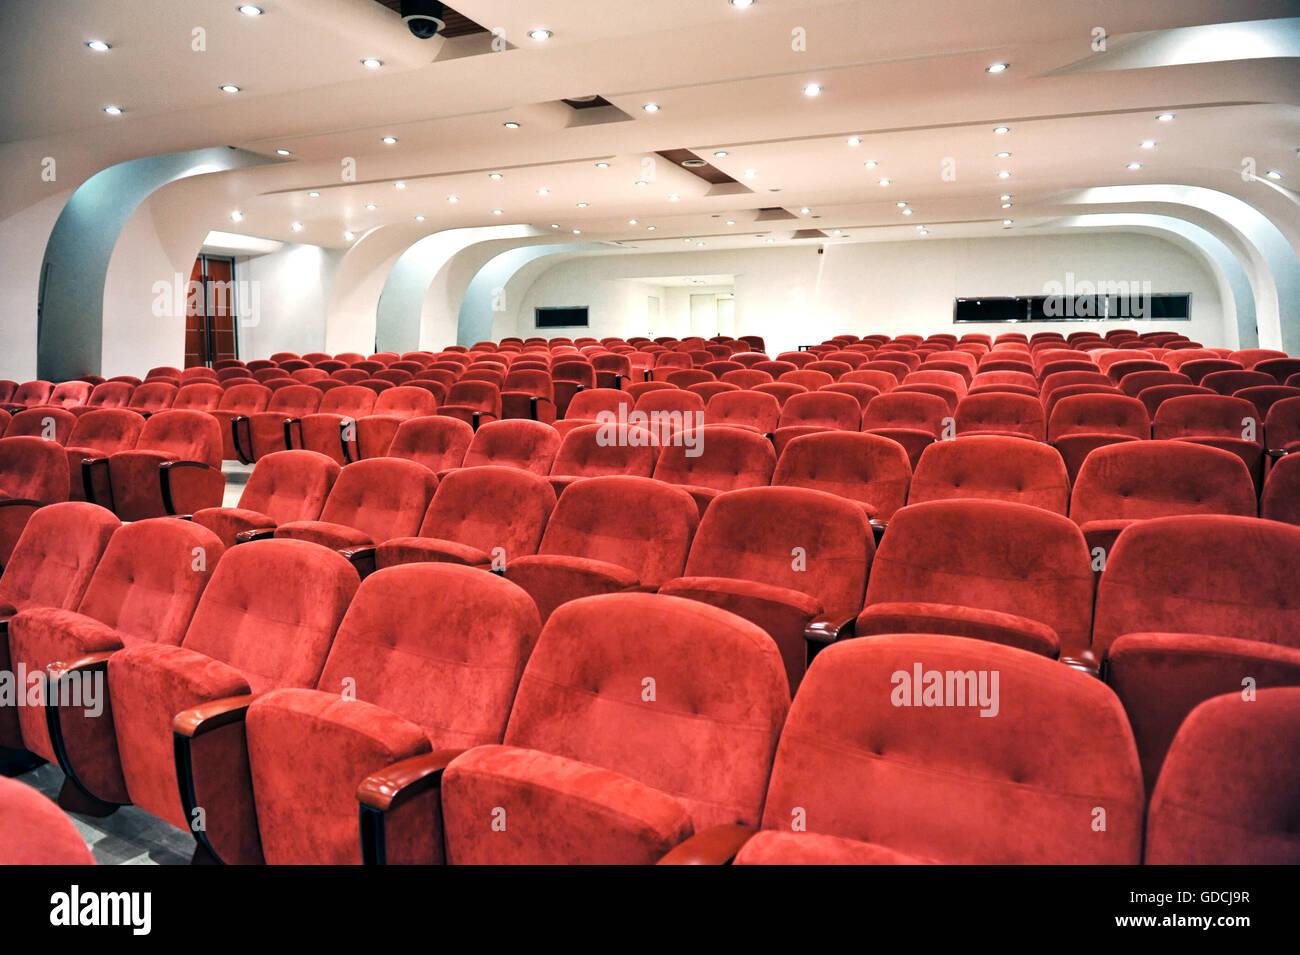 Des rangées de sièges rouge vide pour les spectateurs dans une salle de théâtre, de cinéma Photo Stock